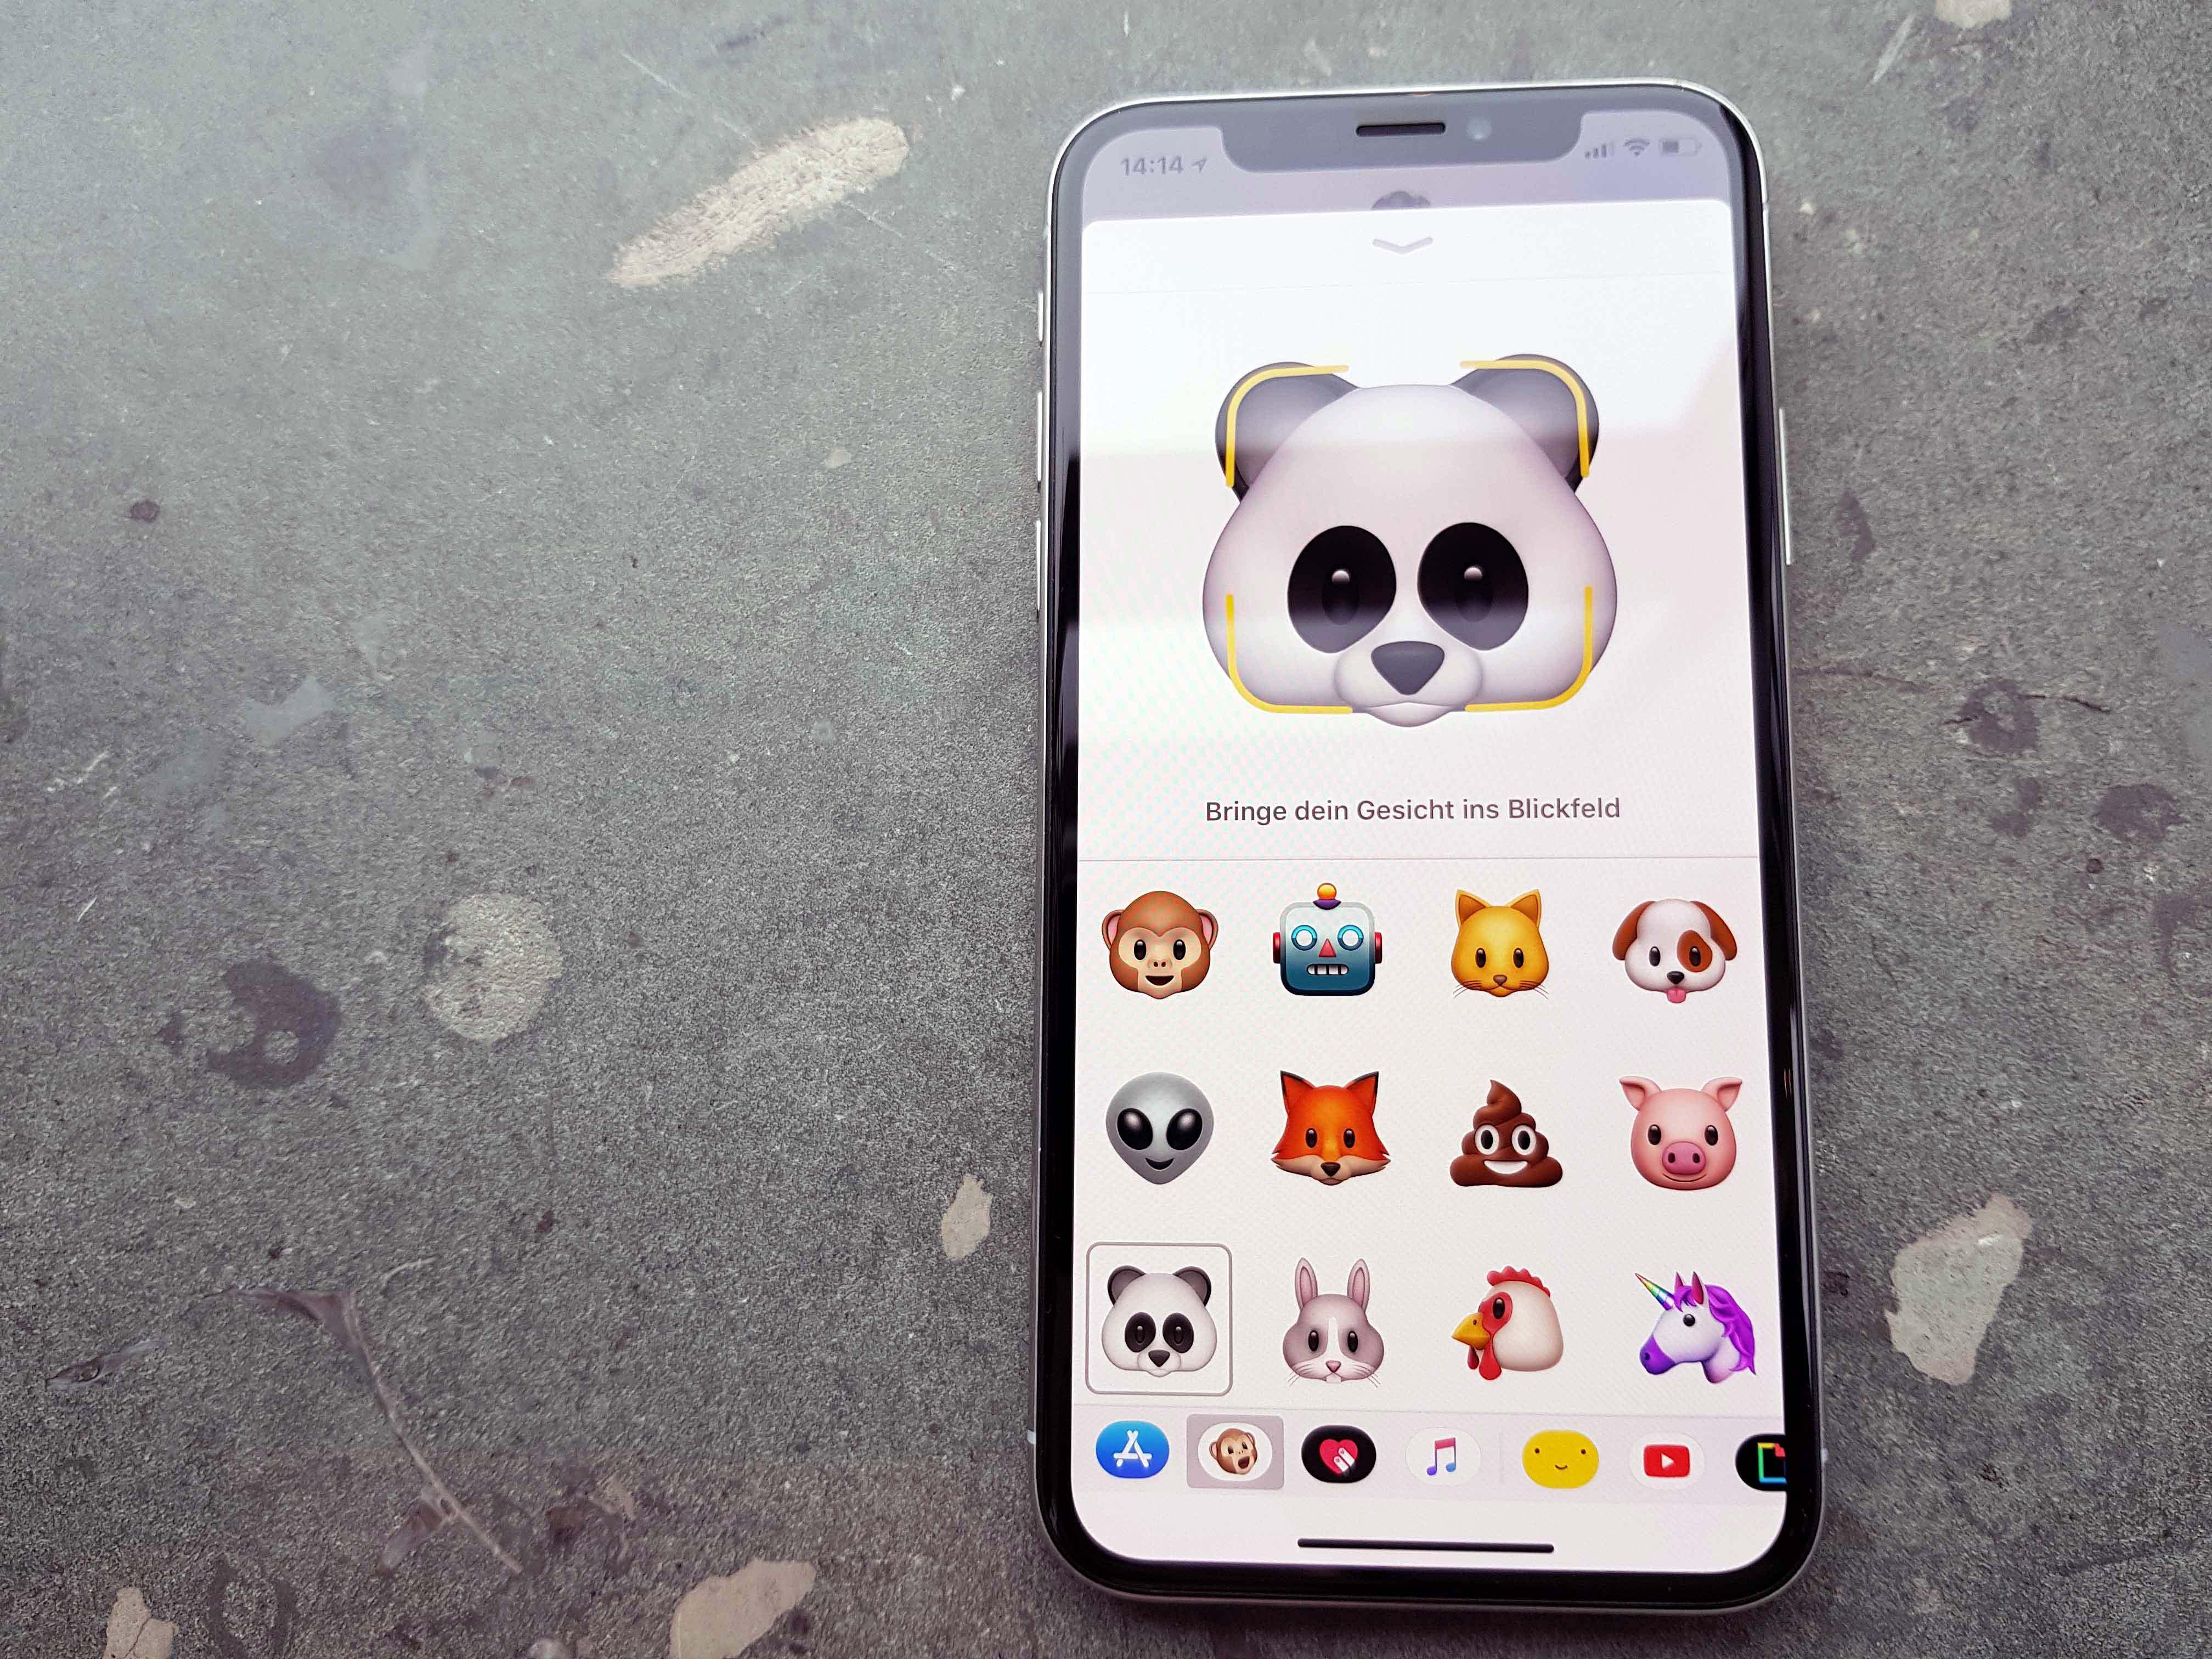 Huawei P20 und P20 Pro vorgestellt, wie das iPhone X besitzt es eine Notch